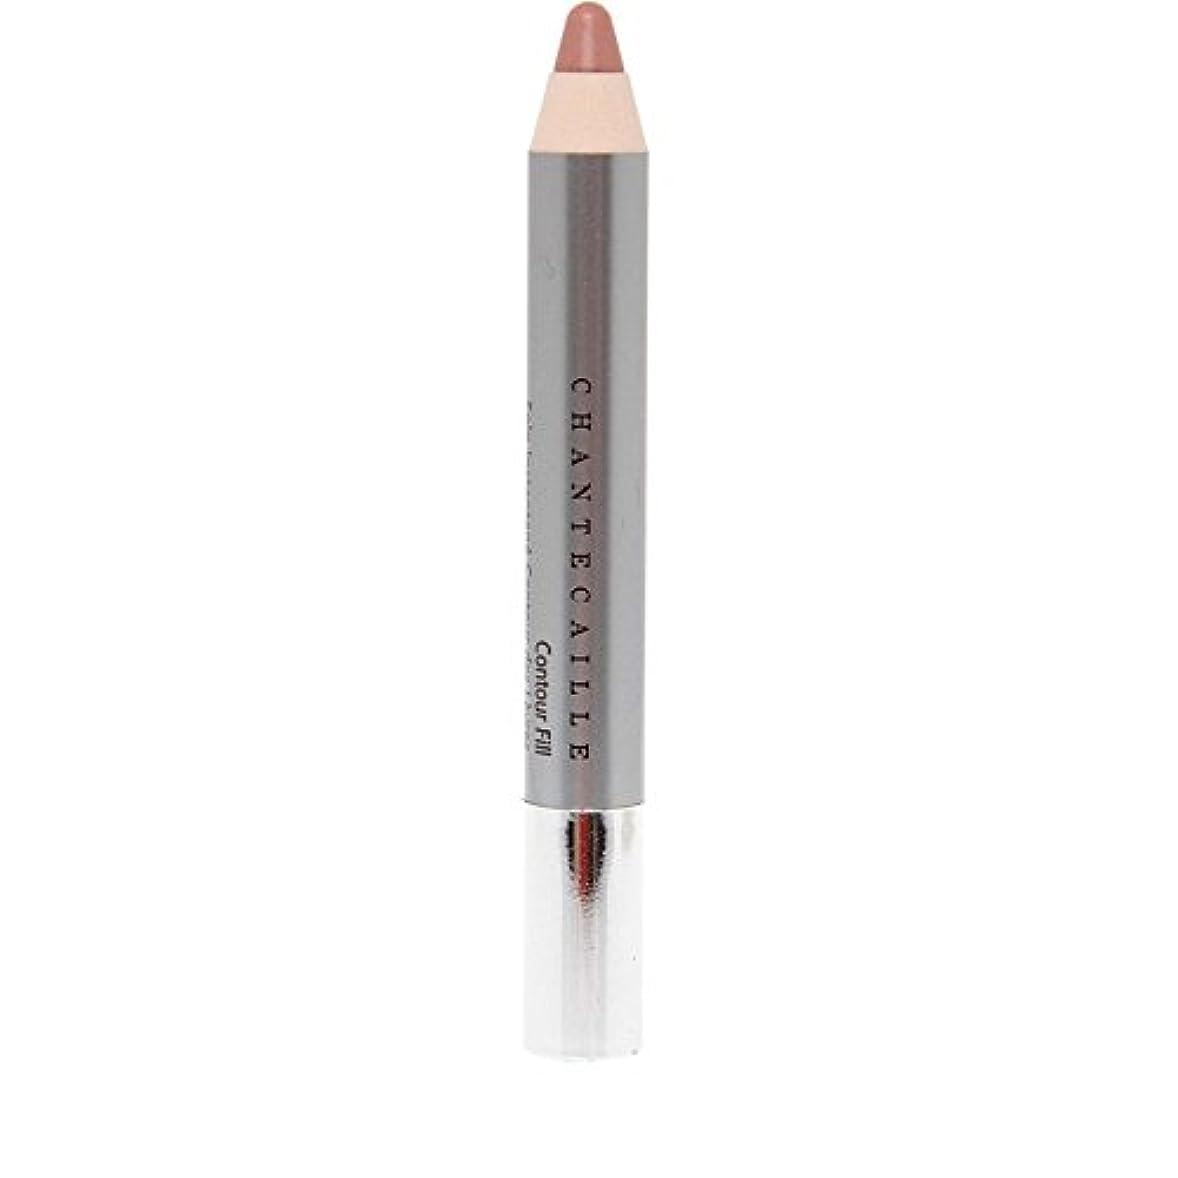 質量保護背が高いシャンテカイユリップ輪郭フィル鉛筆 x2 - Chantecaille Lip Contour Fill Pencil (Pack of 2) [並行輸入品]